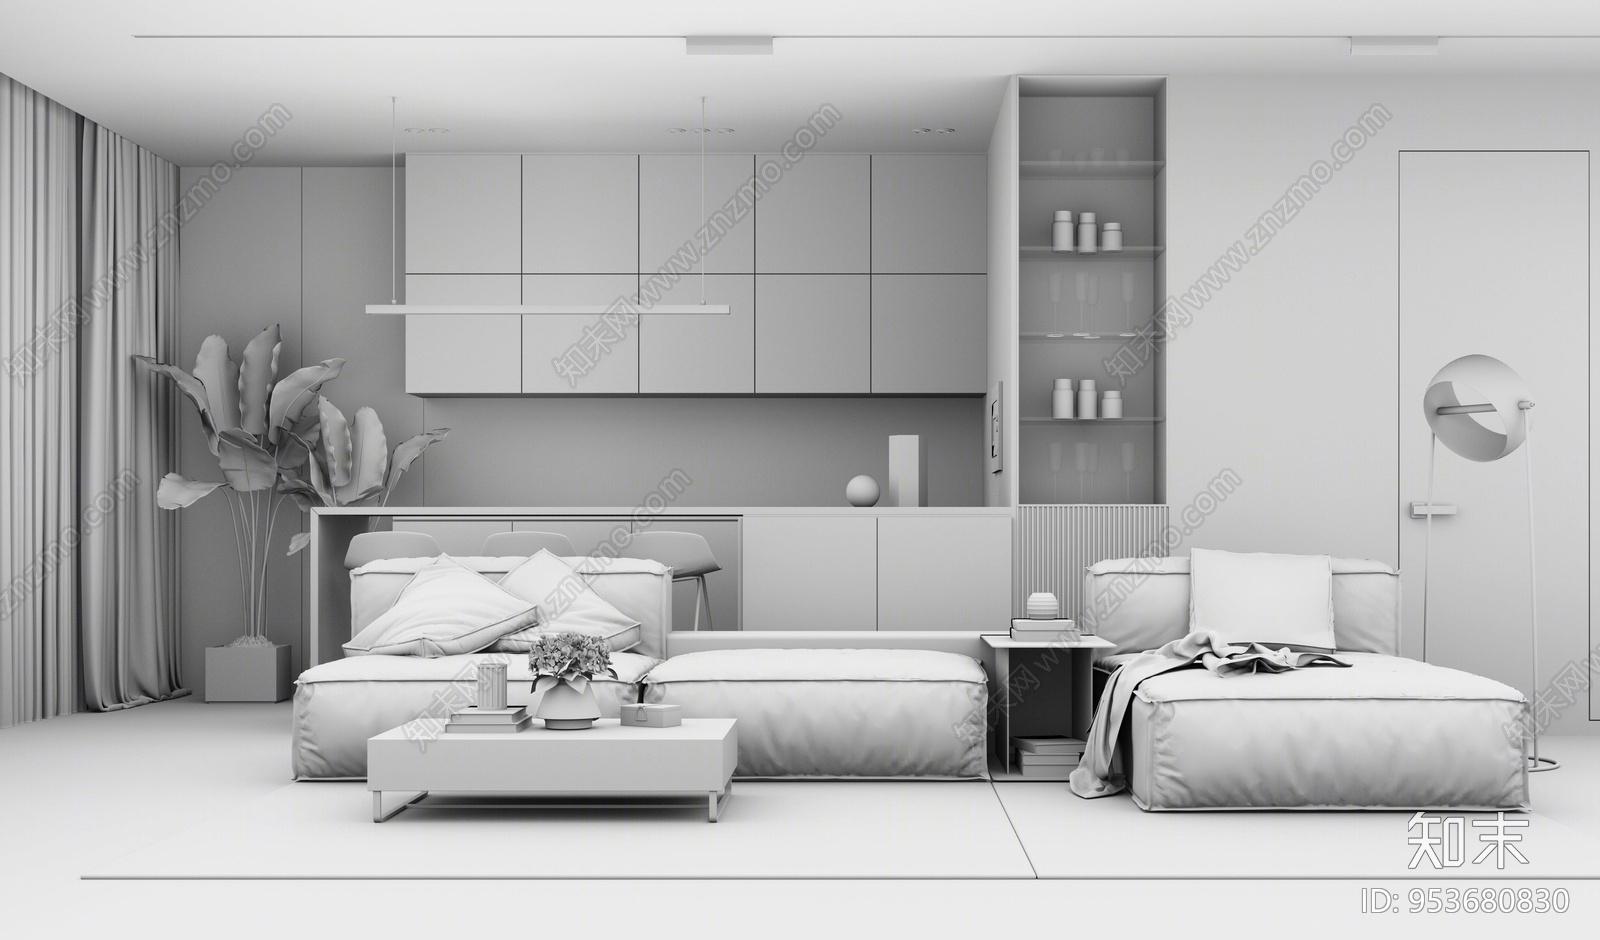 现代风格家居客厅SU模型下载【ID:953680830】